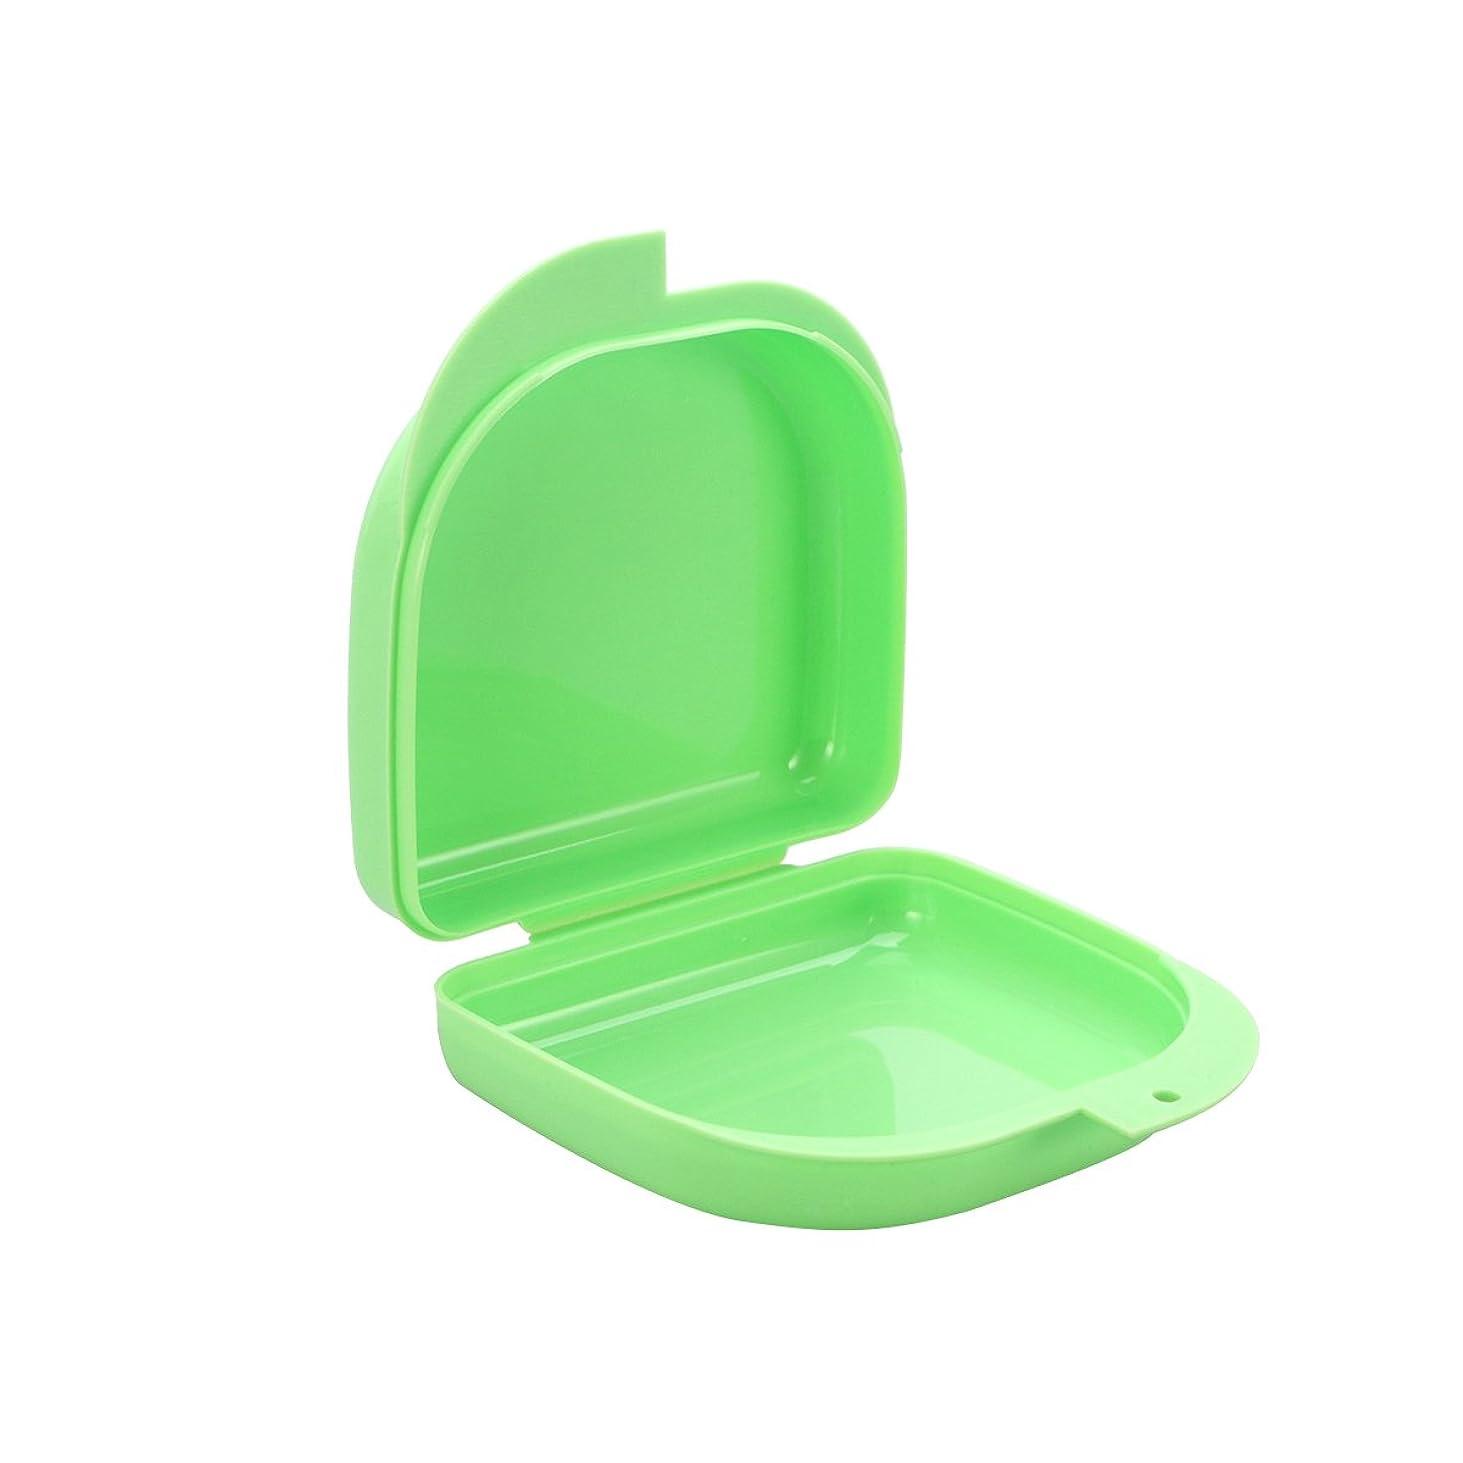 ラテン退屈なブルジョンROSENICE 義歯ケース口ガードケース義歯ボックス義歯収納容器(緑)